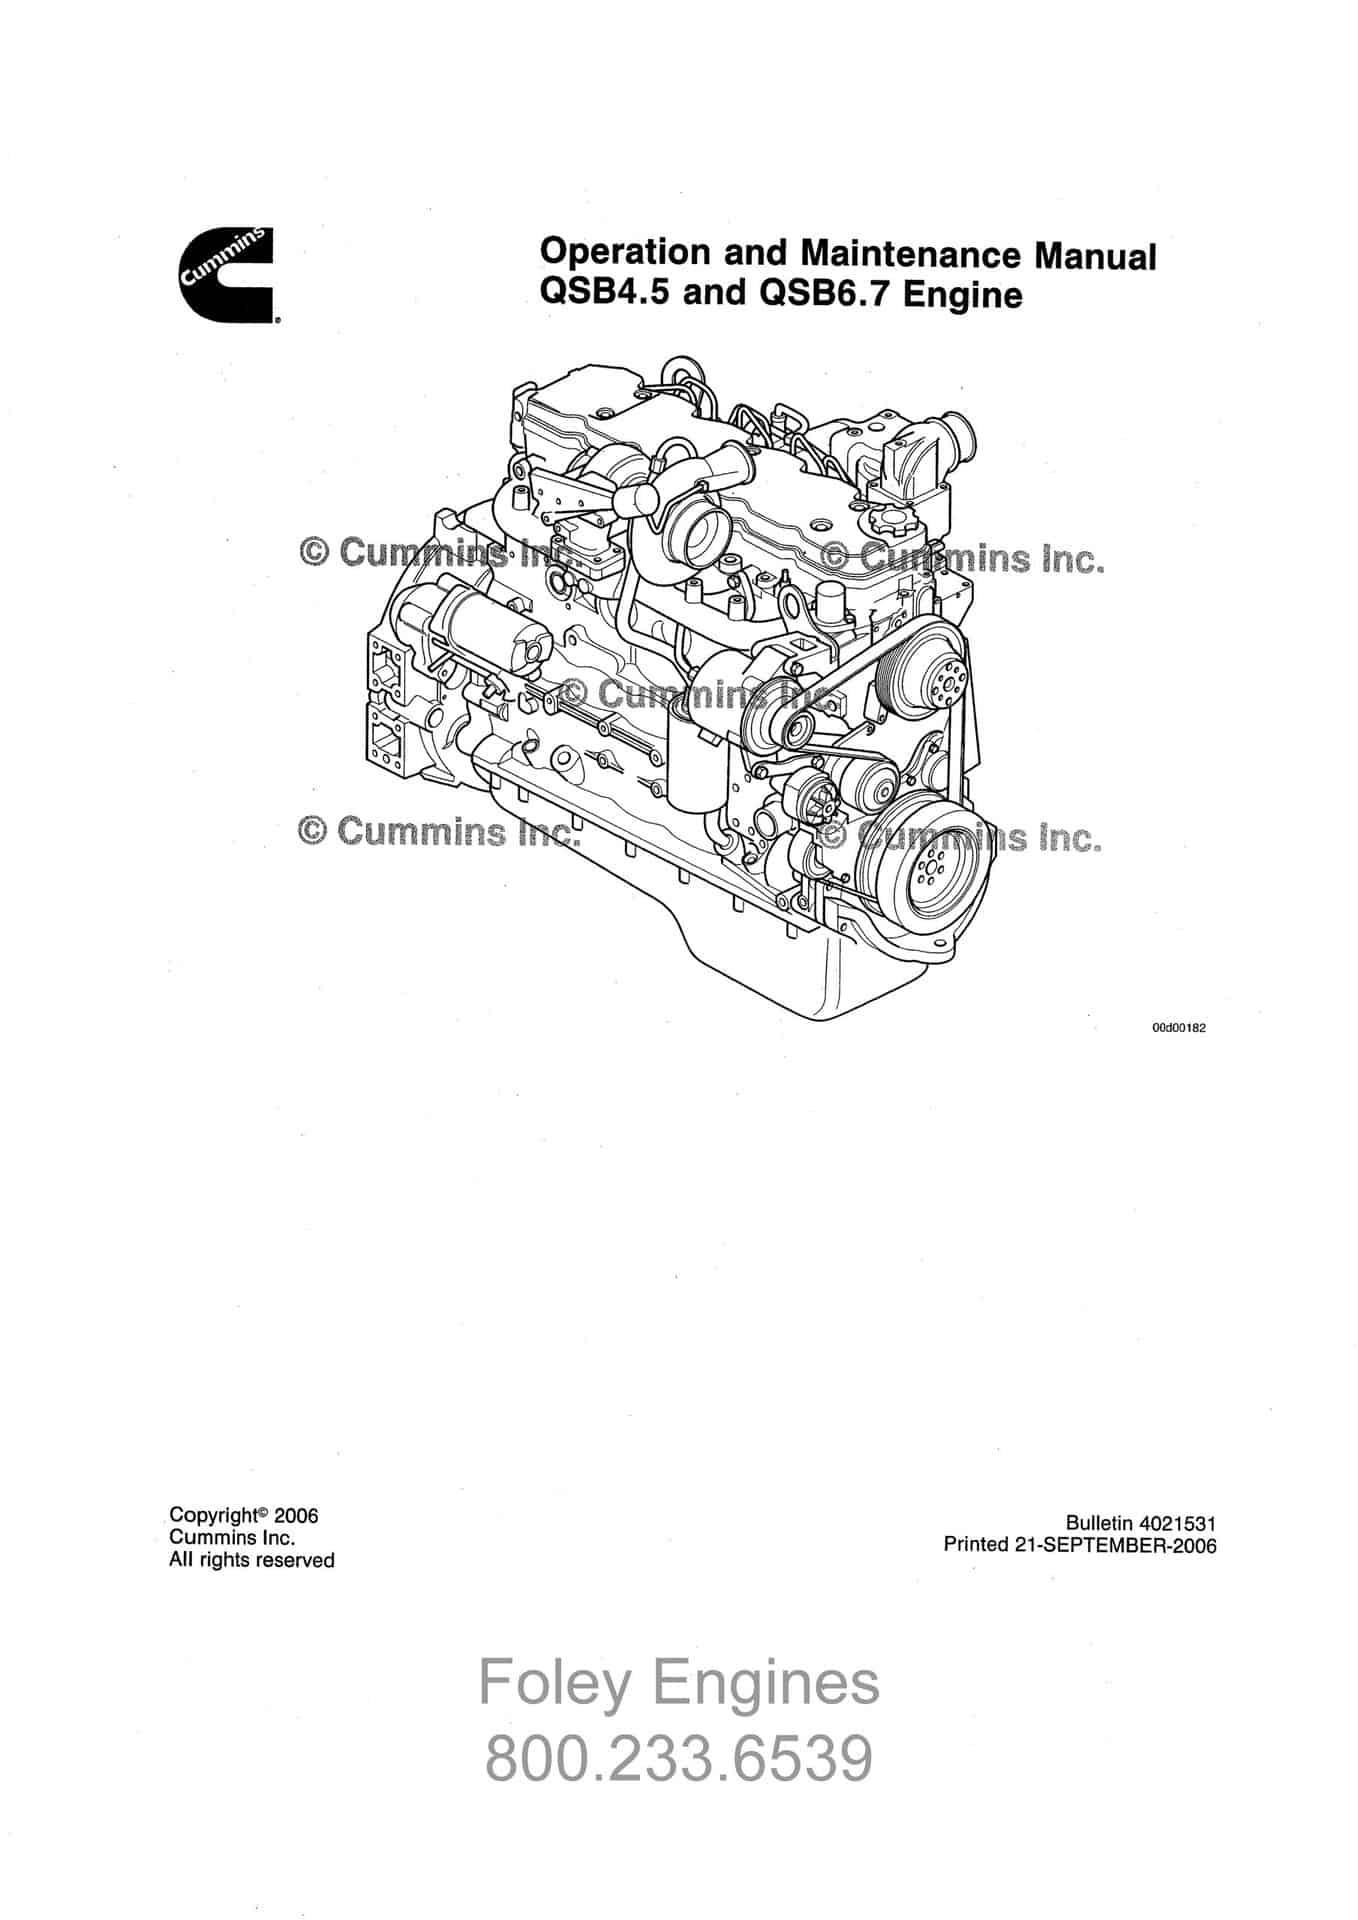 Cummins QSB4.5 / QSB6.7 Shop Manual